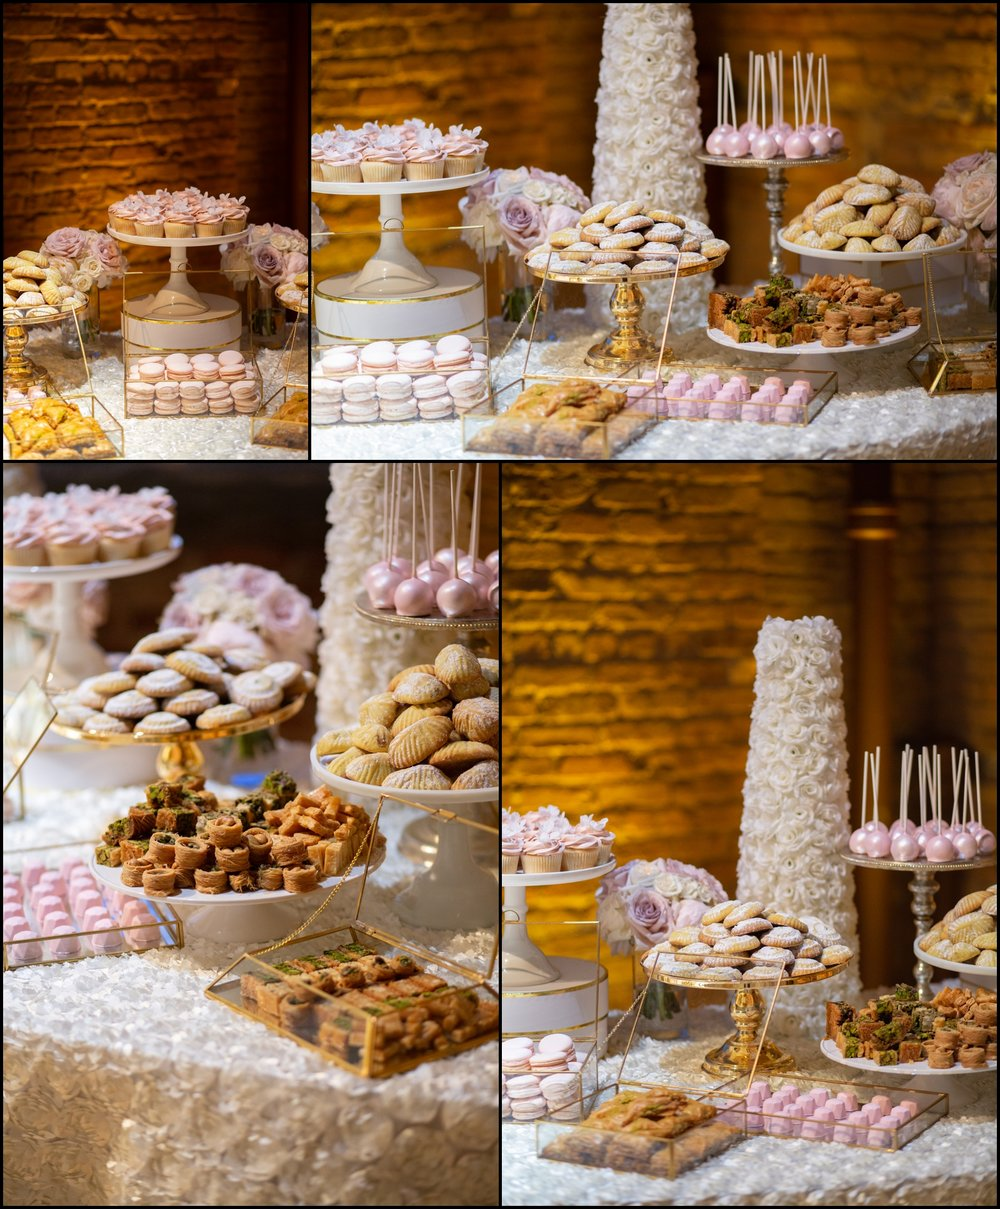 Wedding Cake and Dessert Table Display